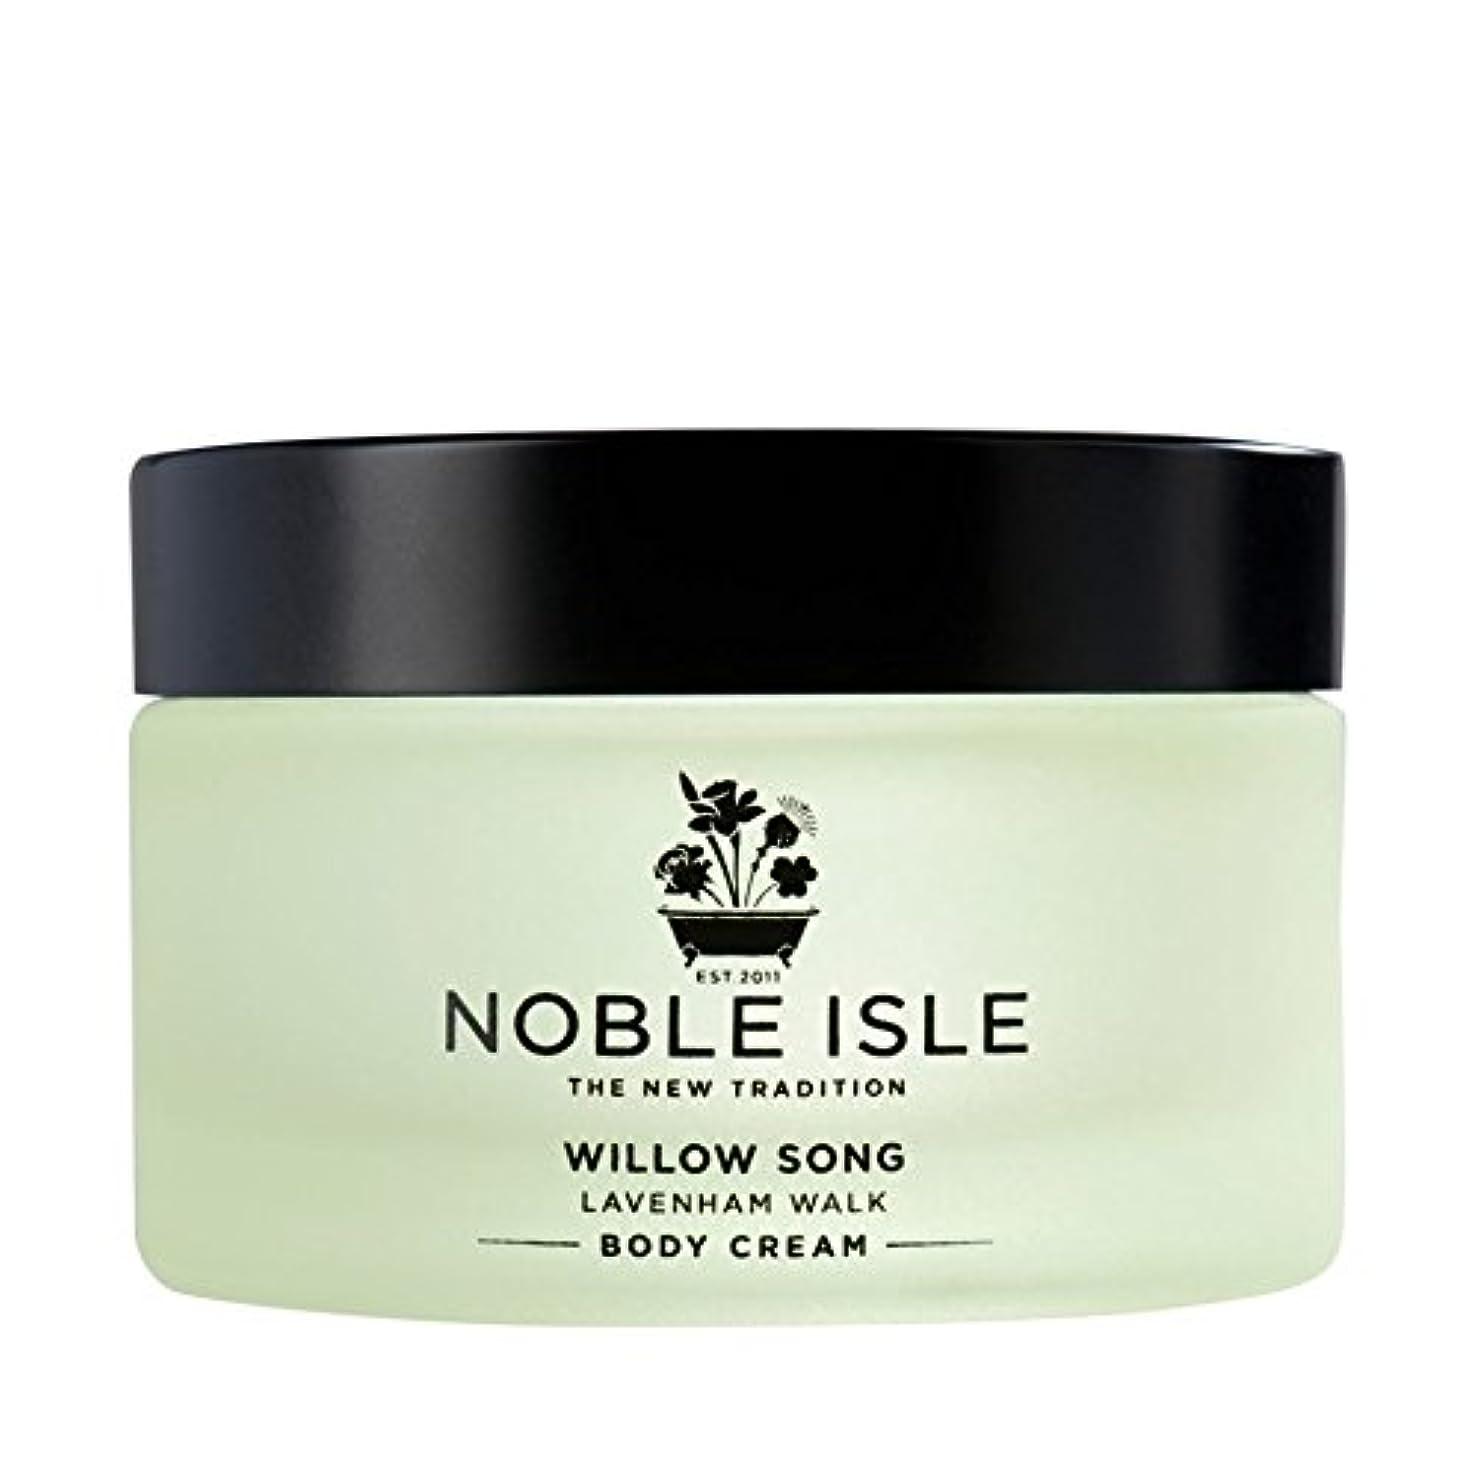 避難する内向き歯科医高貴な島柳の歌ラヴァンハム徒歩ボディクリーム170ミリリットル x2 - Noble Isle Willow Song Lavenham Walk Body Cream 170ml (Pack of 2) [並行輸入品]